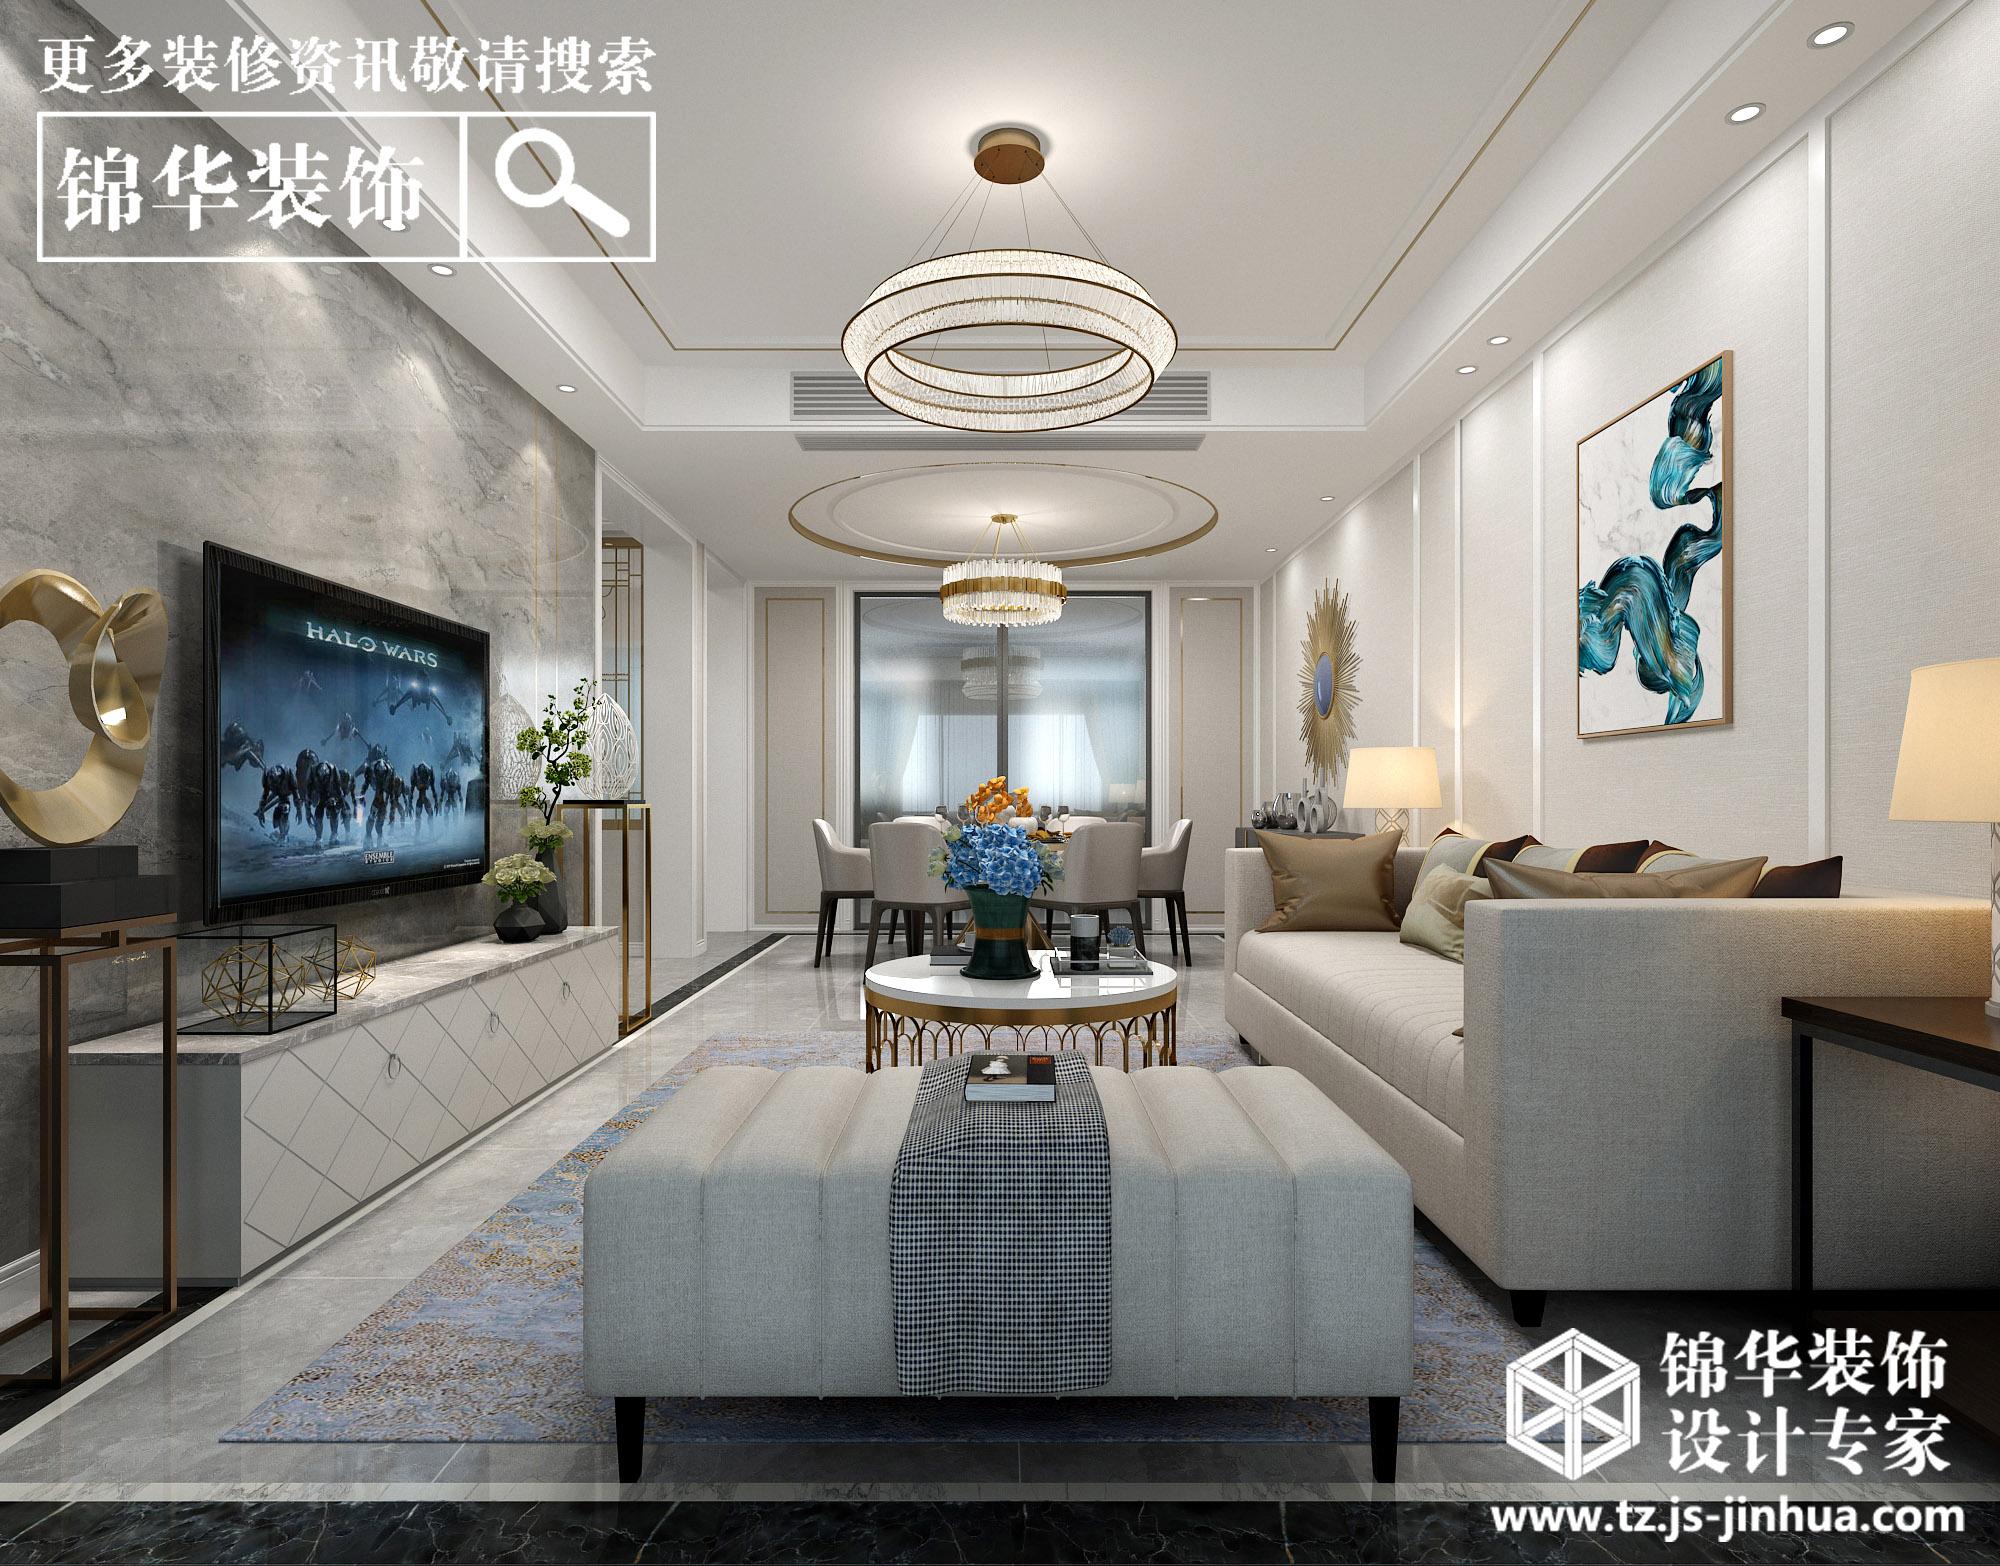 现代轻奢风格-凤城府-四室两厅两卫-160平米-全案造价45万